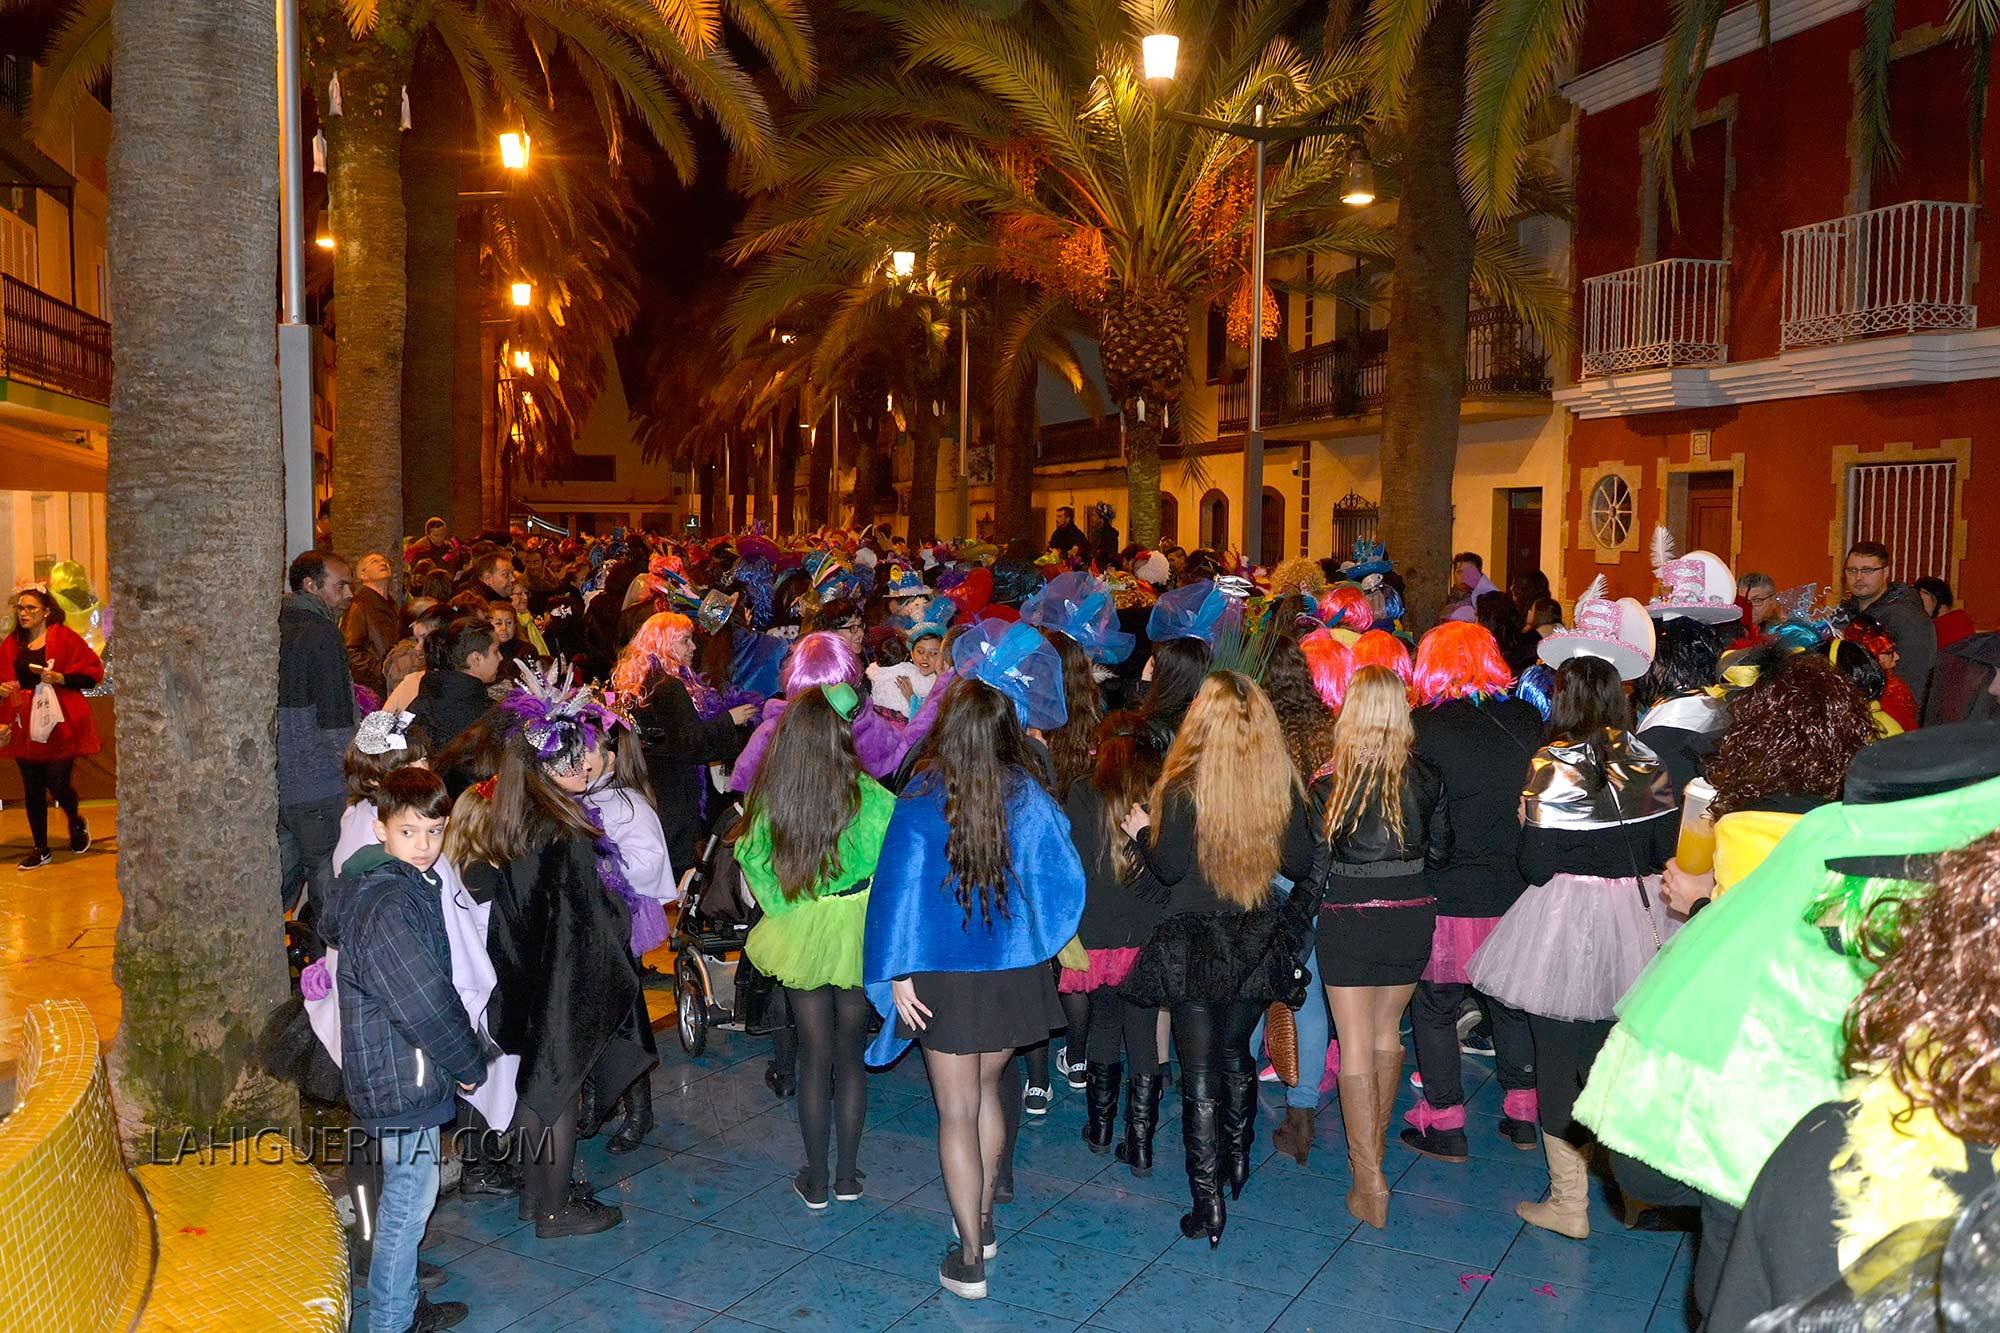 Entierro de la sardina carnaval isla cristina _DSC2157